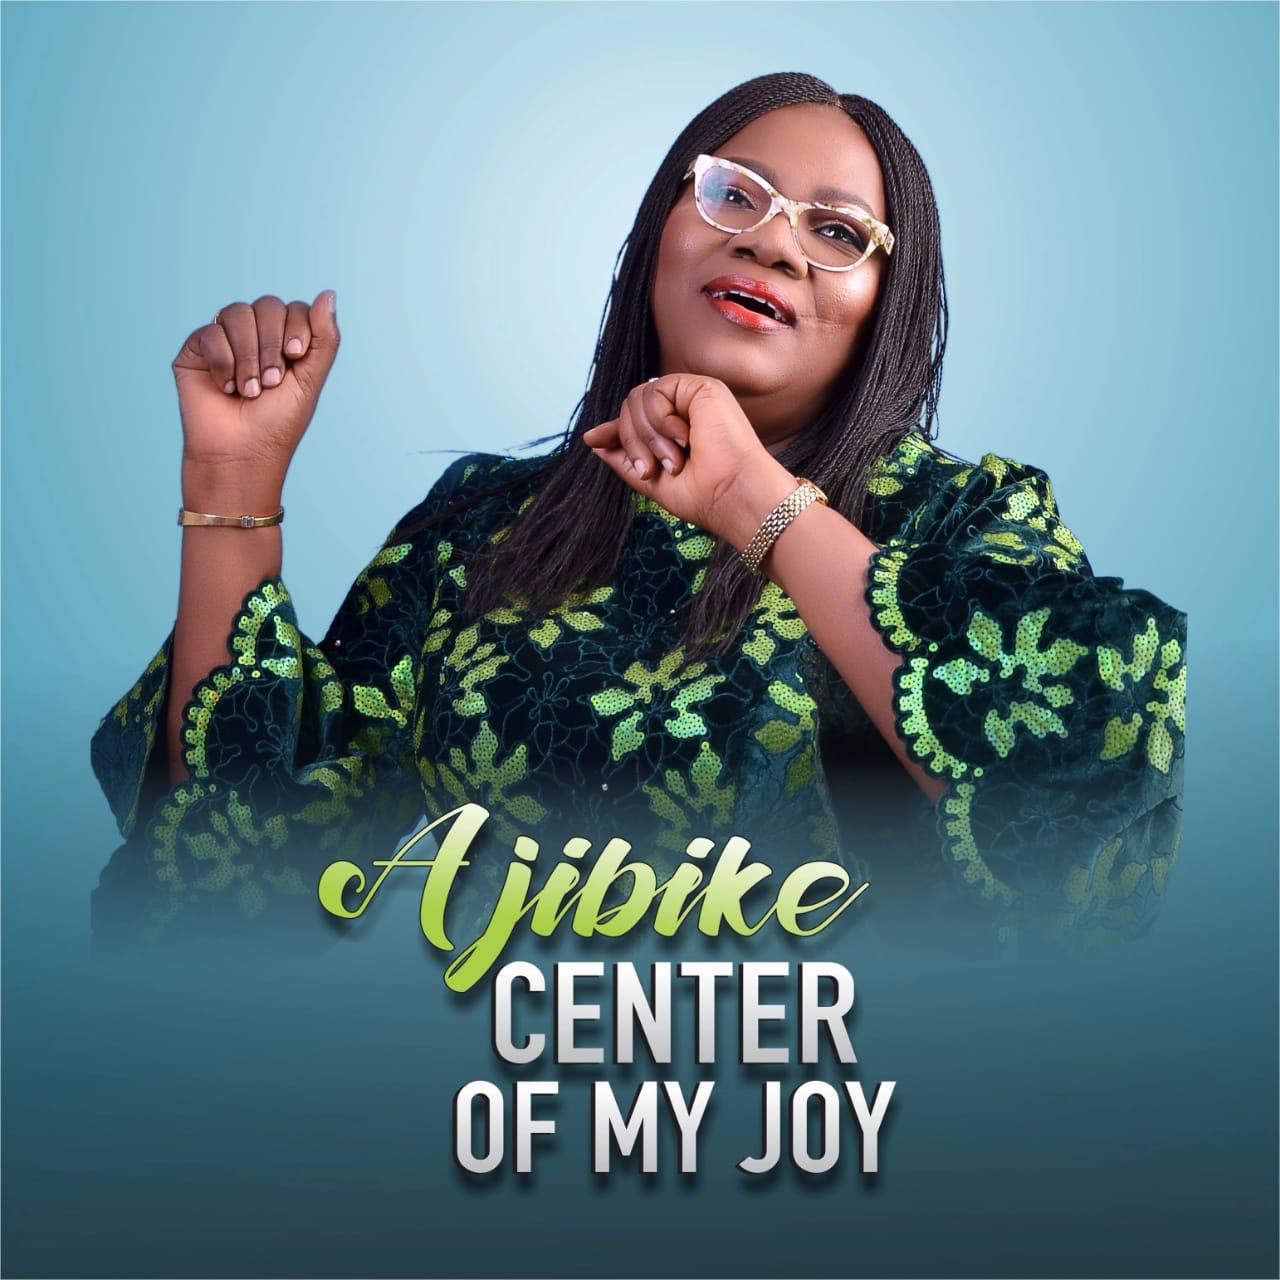 Ajibike - Center of My Joy